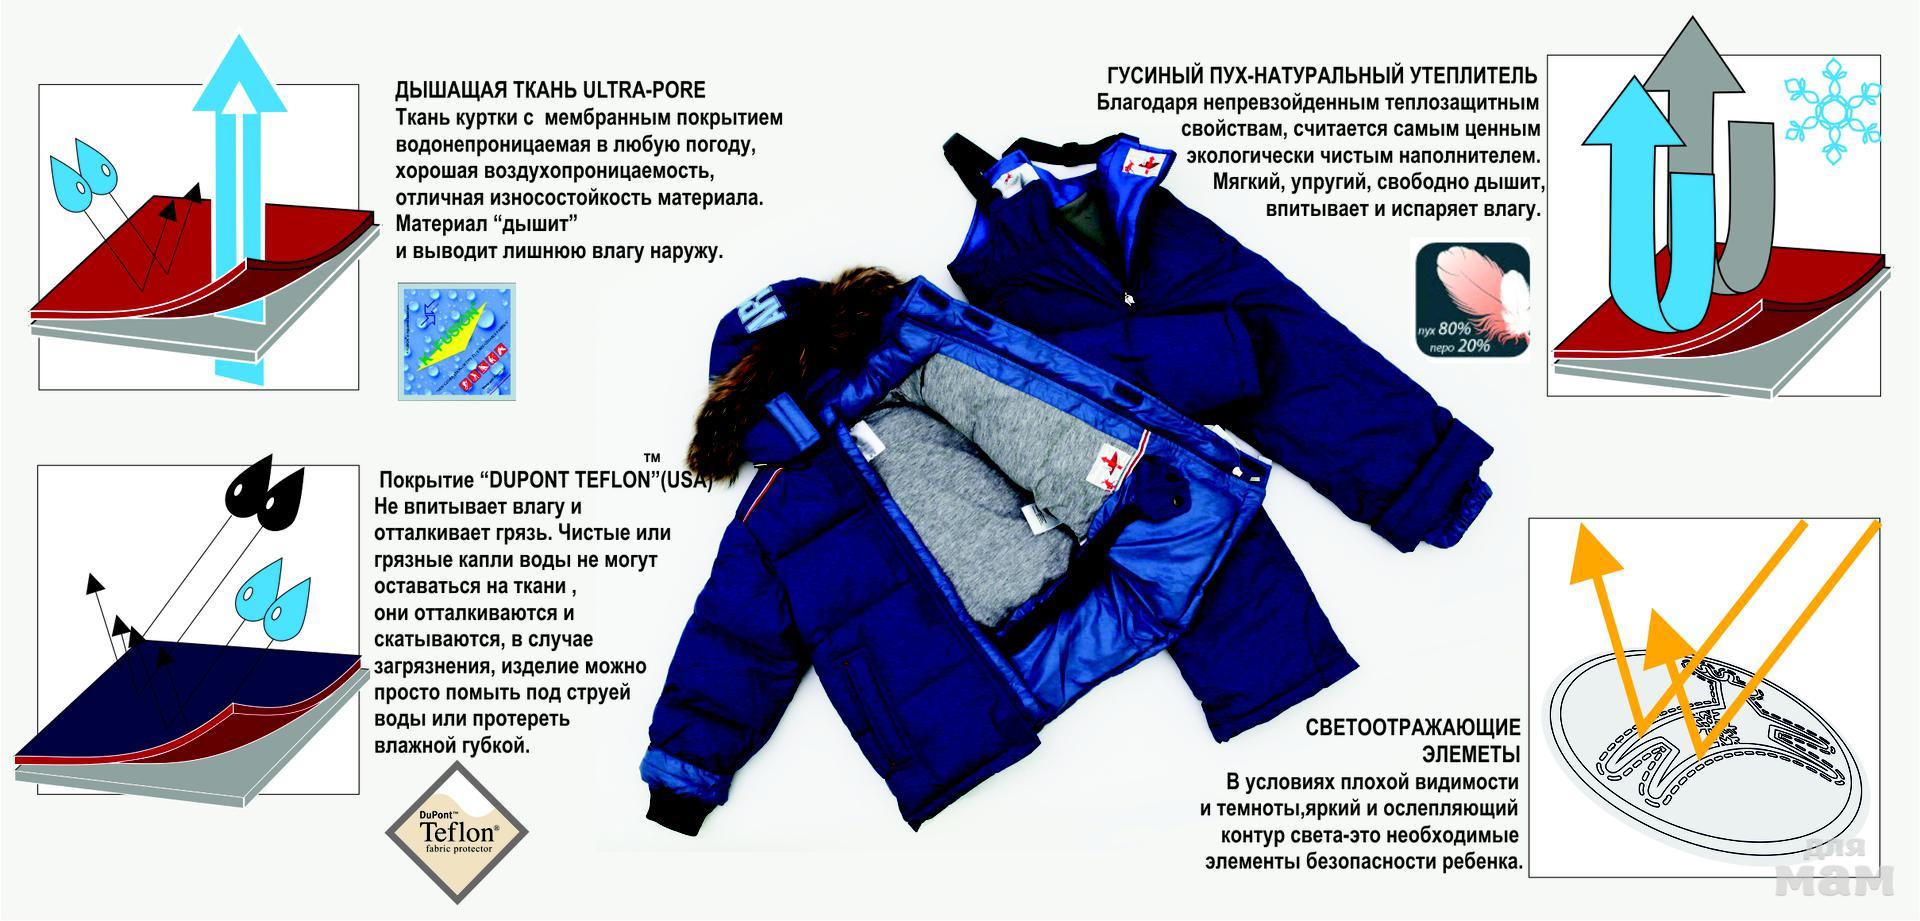 Выбор зимней одежды. Пуховик или синтетика XXI века?